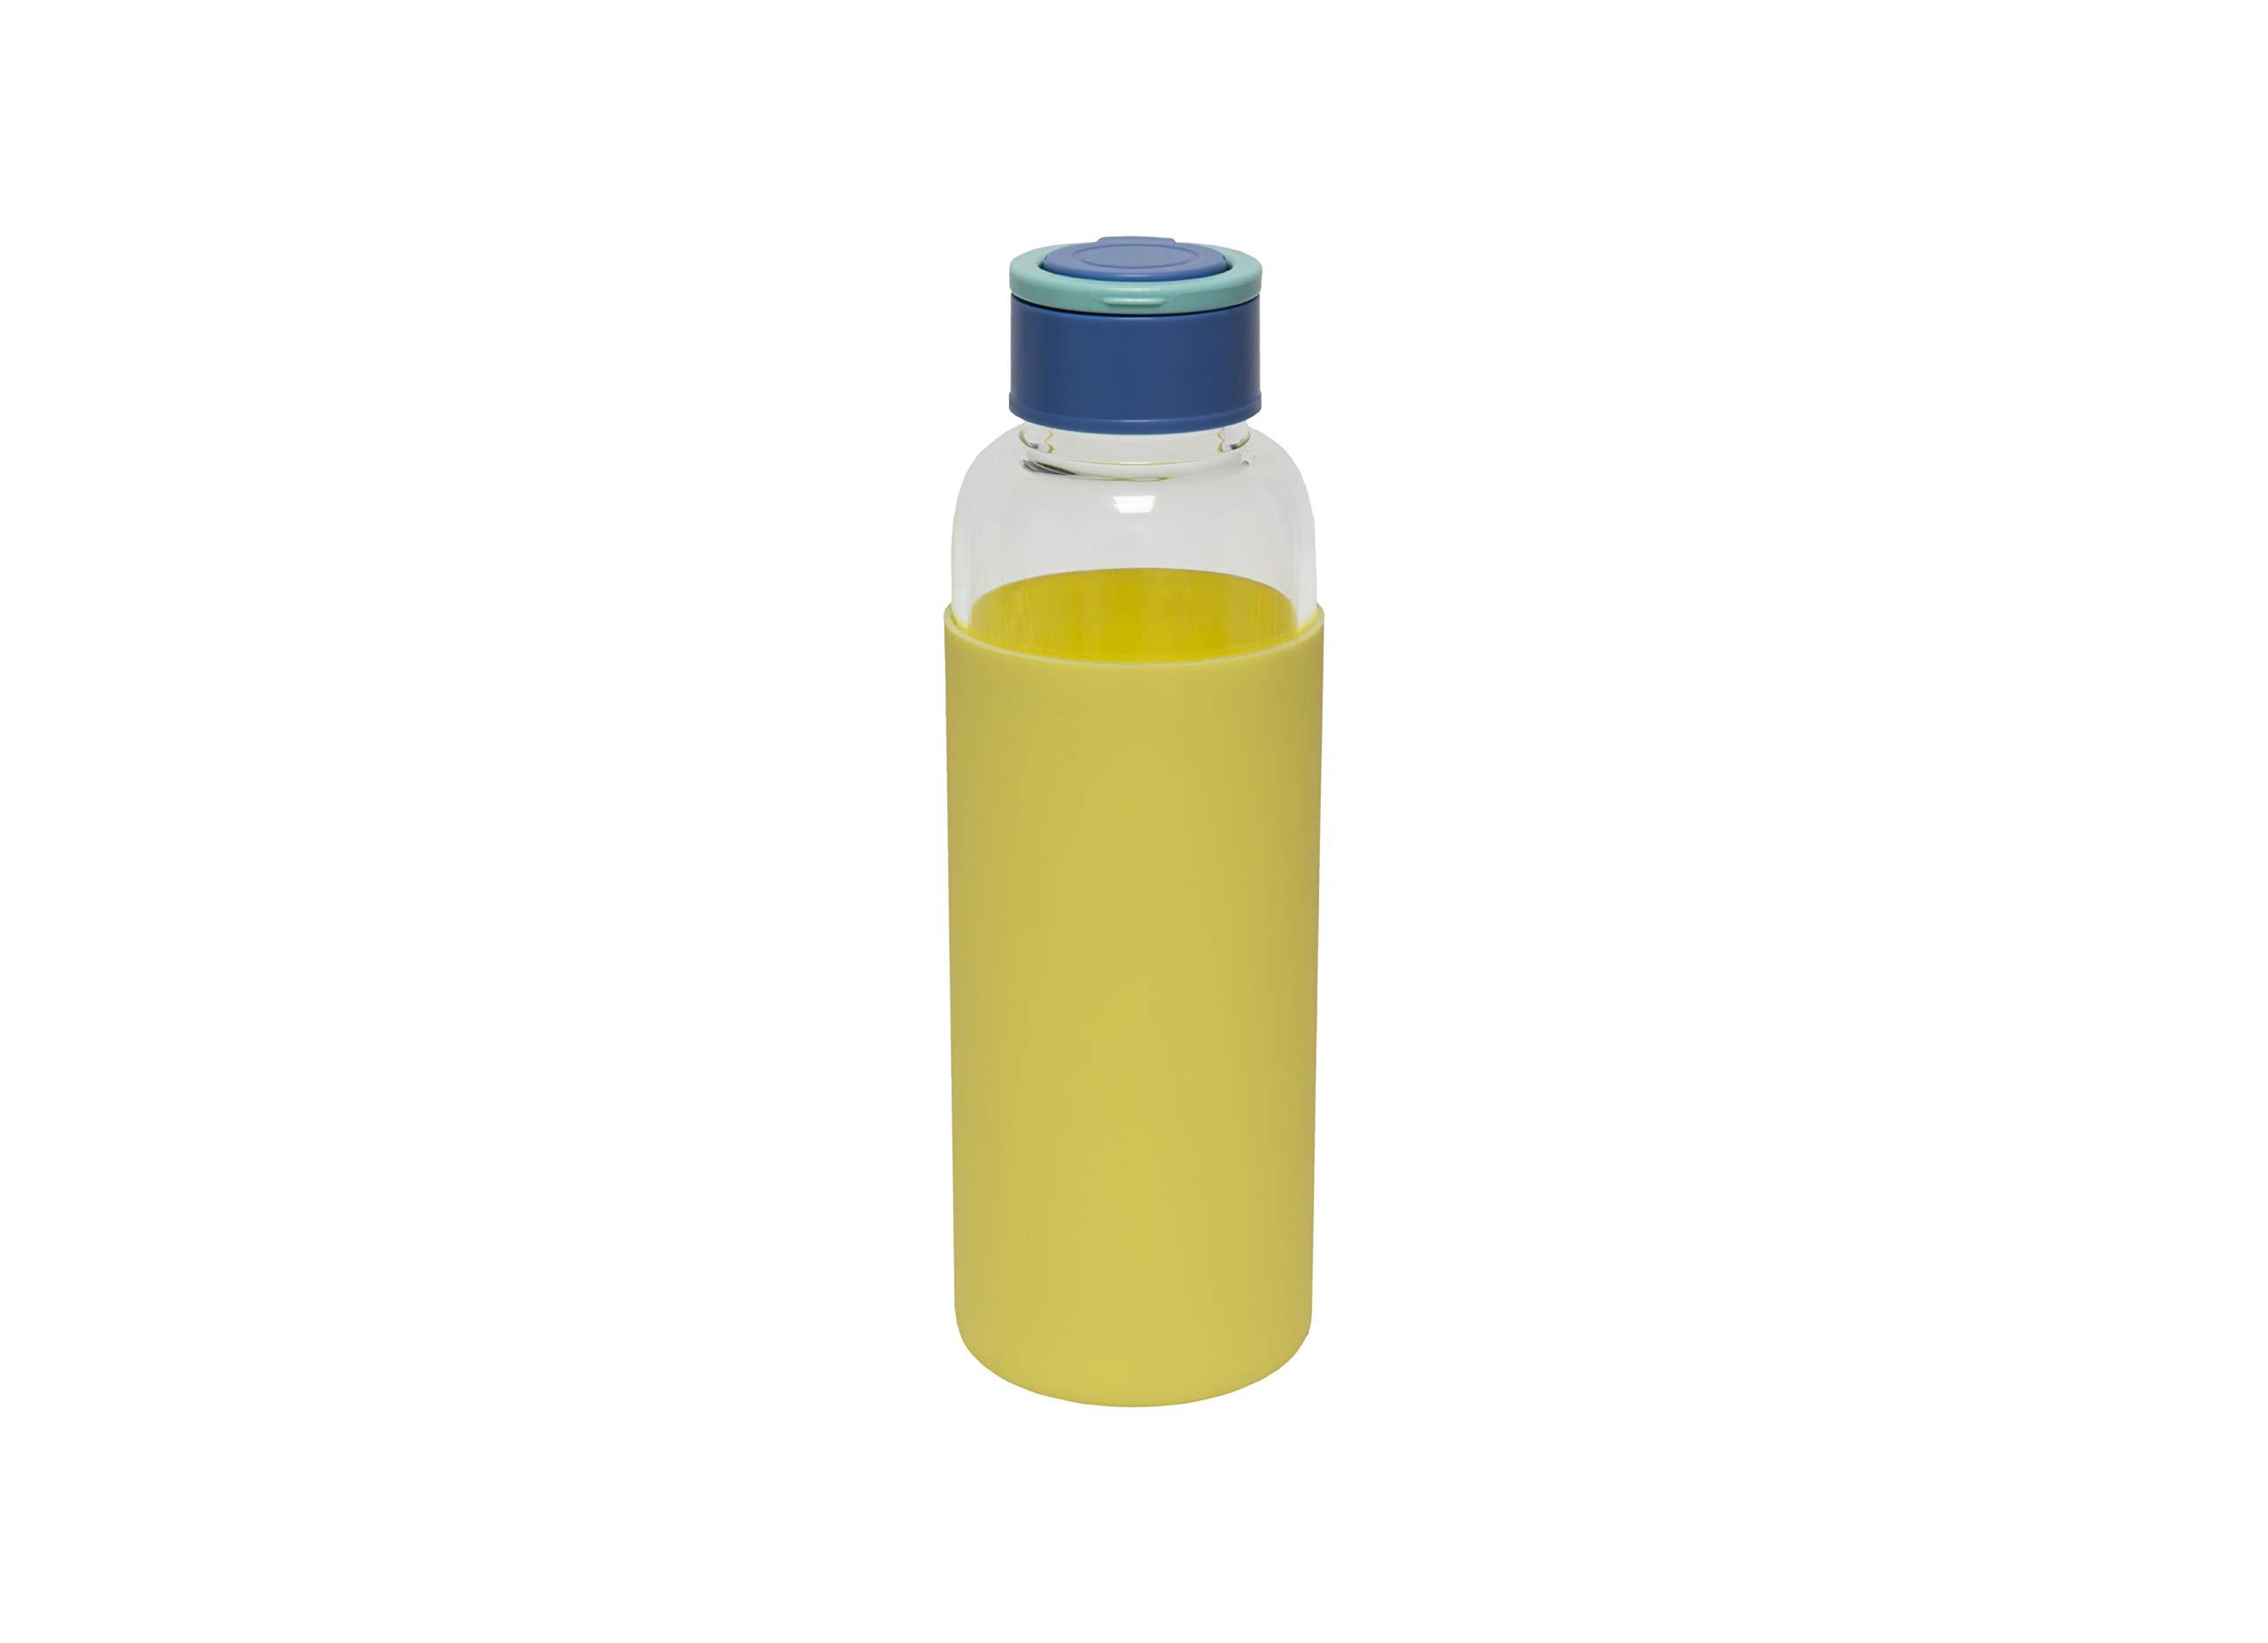 Fisura | Botella de Agua de Cristal con Funda de Silicona Eco-Friendly Reutilizable 480 ml. Apta para niños. 20,5 x 6 cm. (Amarillo): Amazon.es: Deportes y aire libre